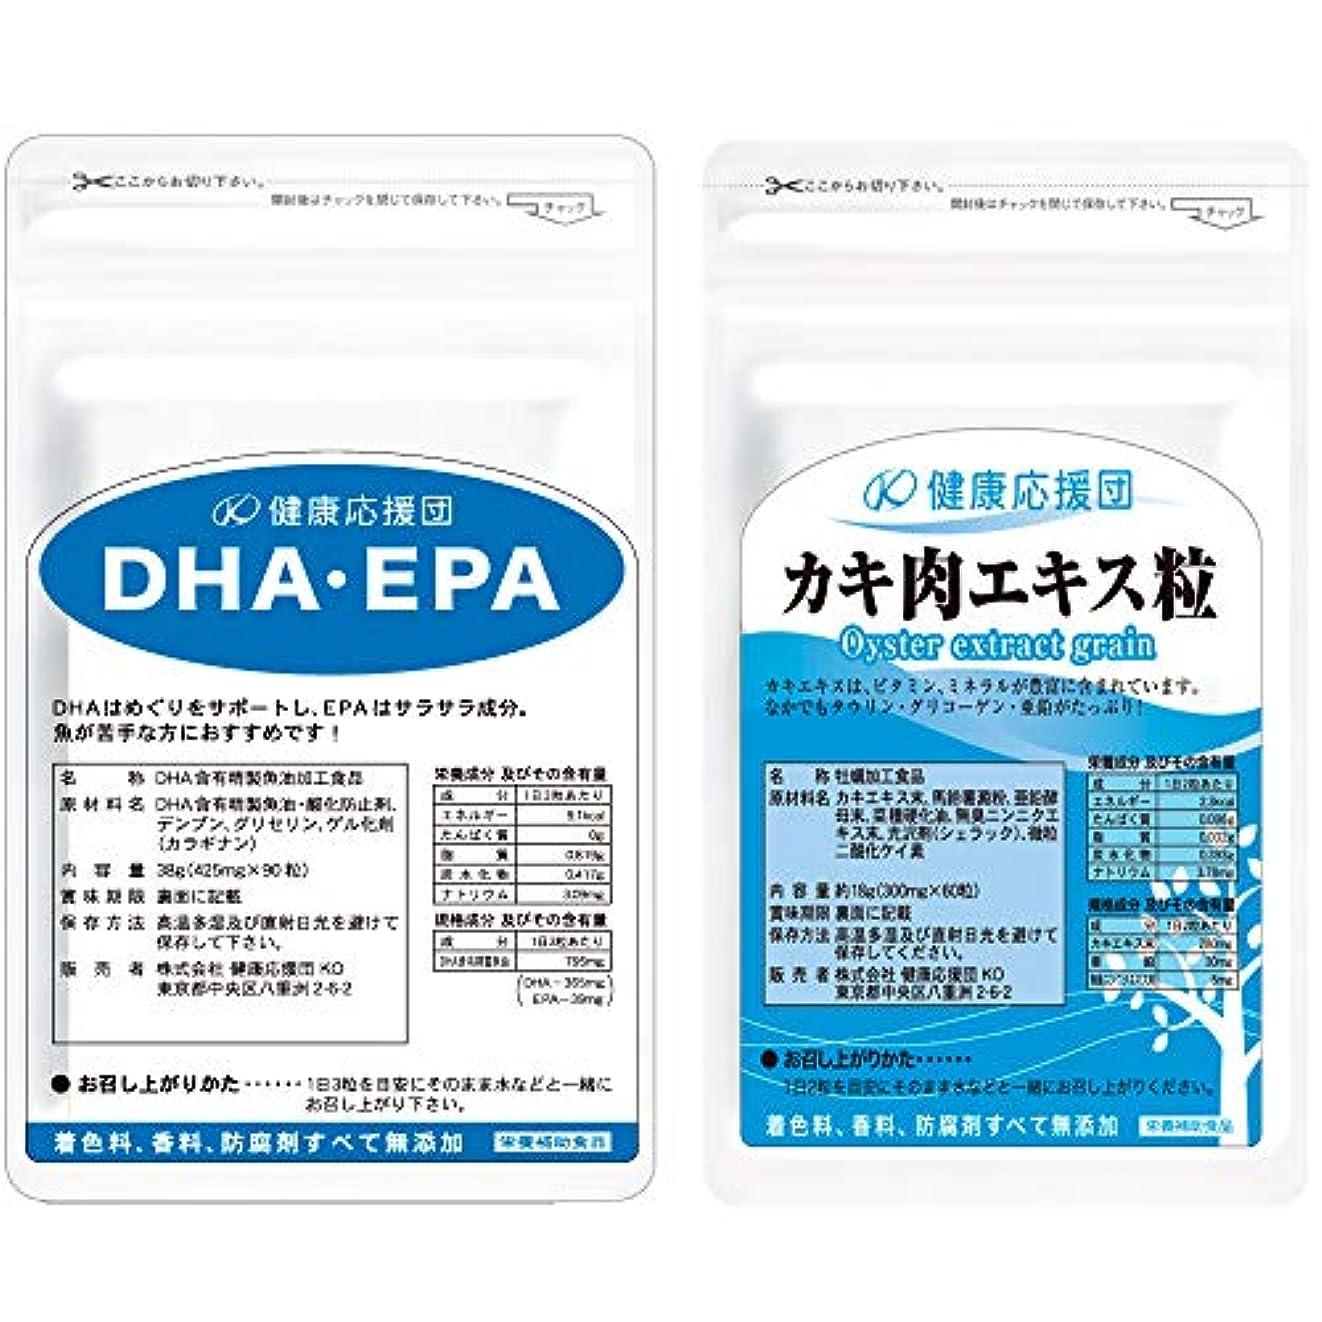 オーナーアイザック徹底【DHA?EPA】&【濃縮牡蠣エキス粒】 肝臓の応援セット!肝臓の数値が高めの方にお勧め!